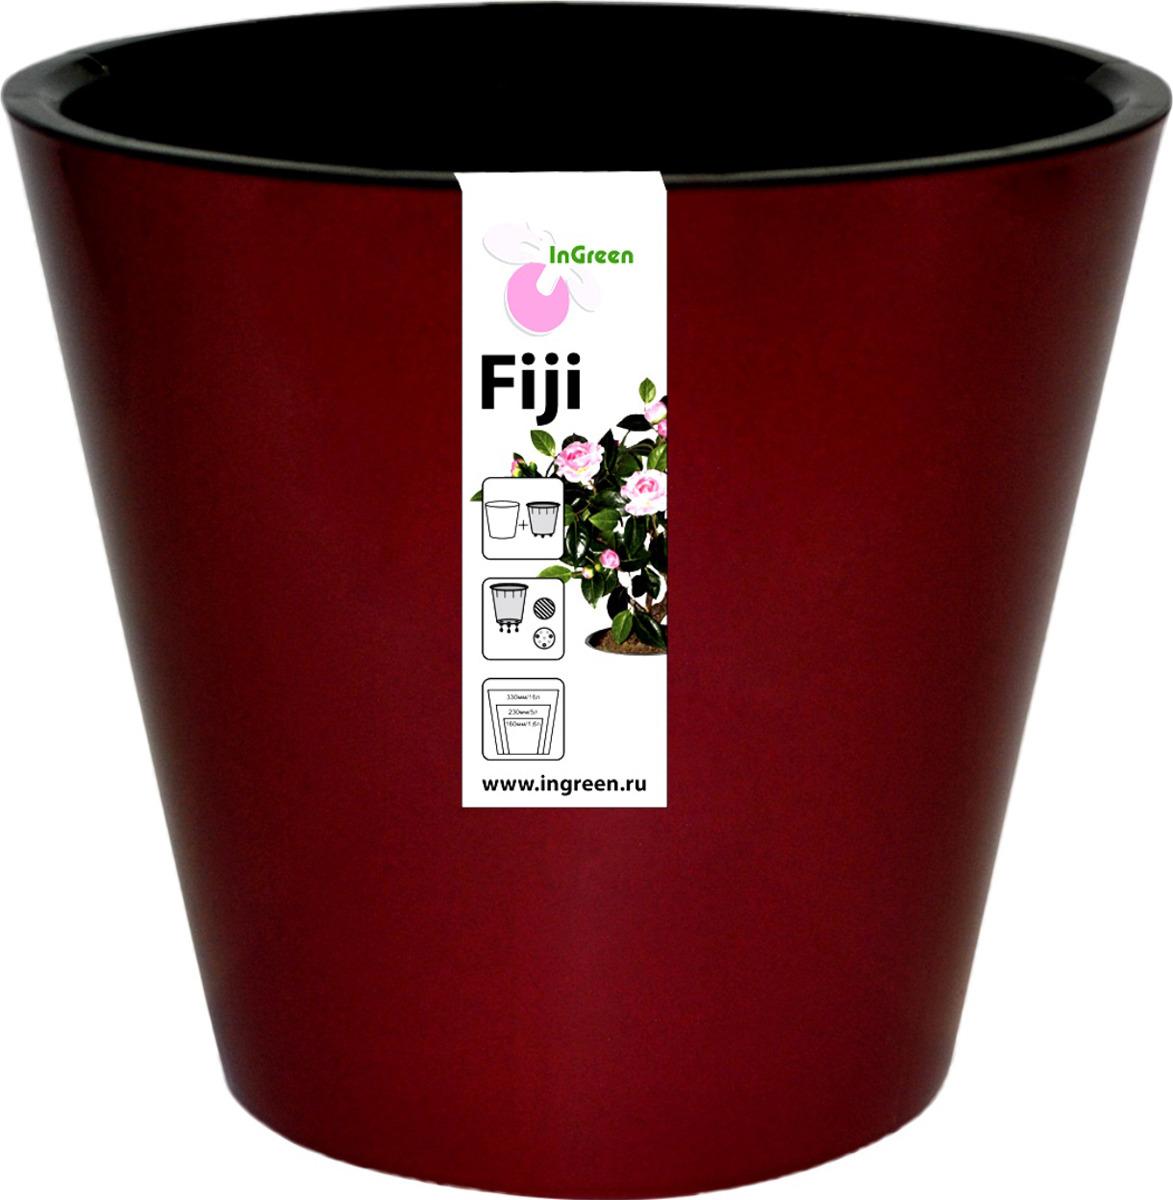 Фото - Горшок для цветов InGreen Фиджи, цвет: бордовый, 4 л горшок фиджи 1 6л d16cм бордовый